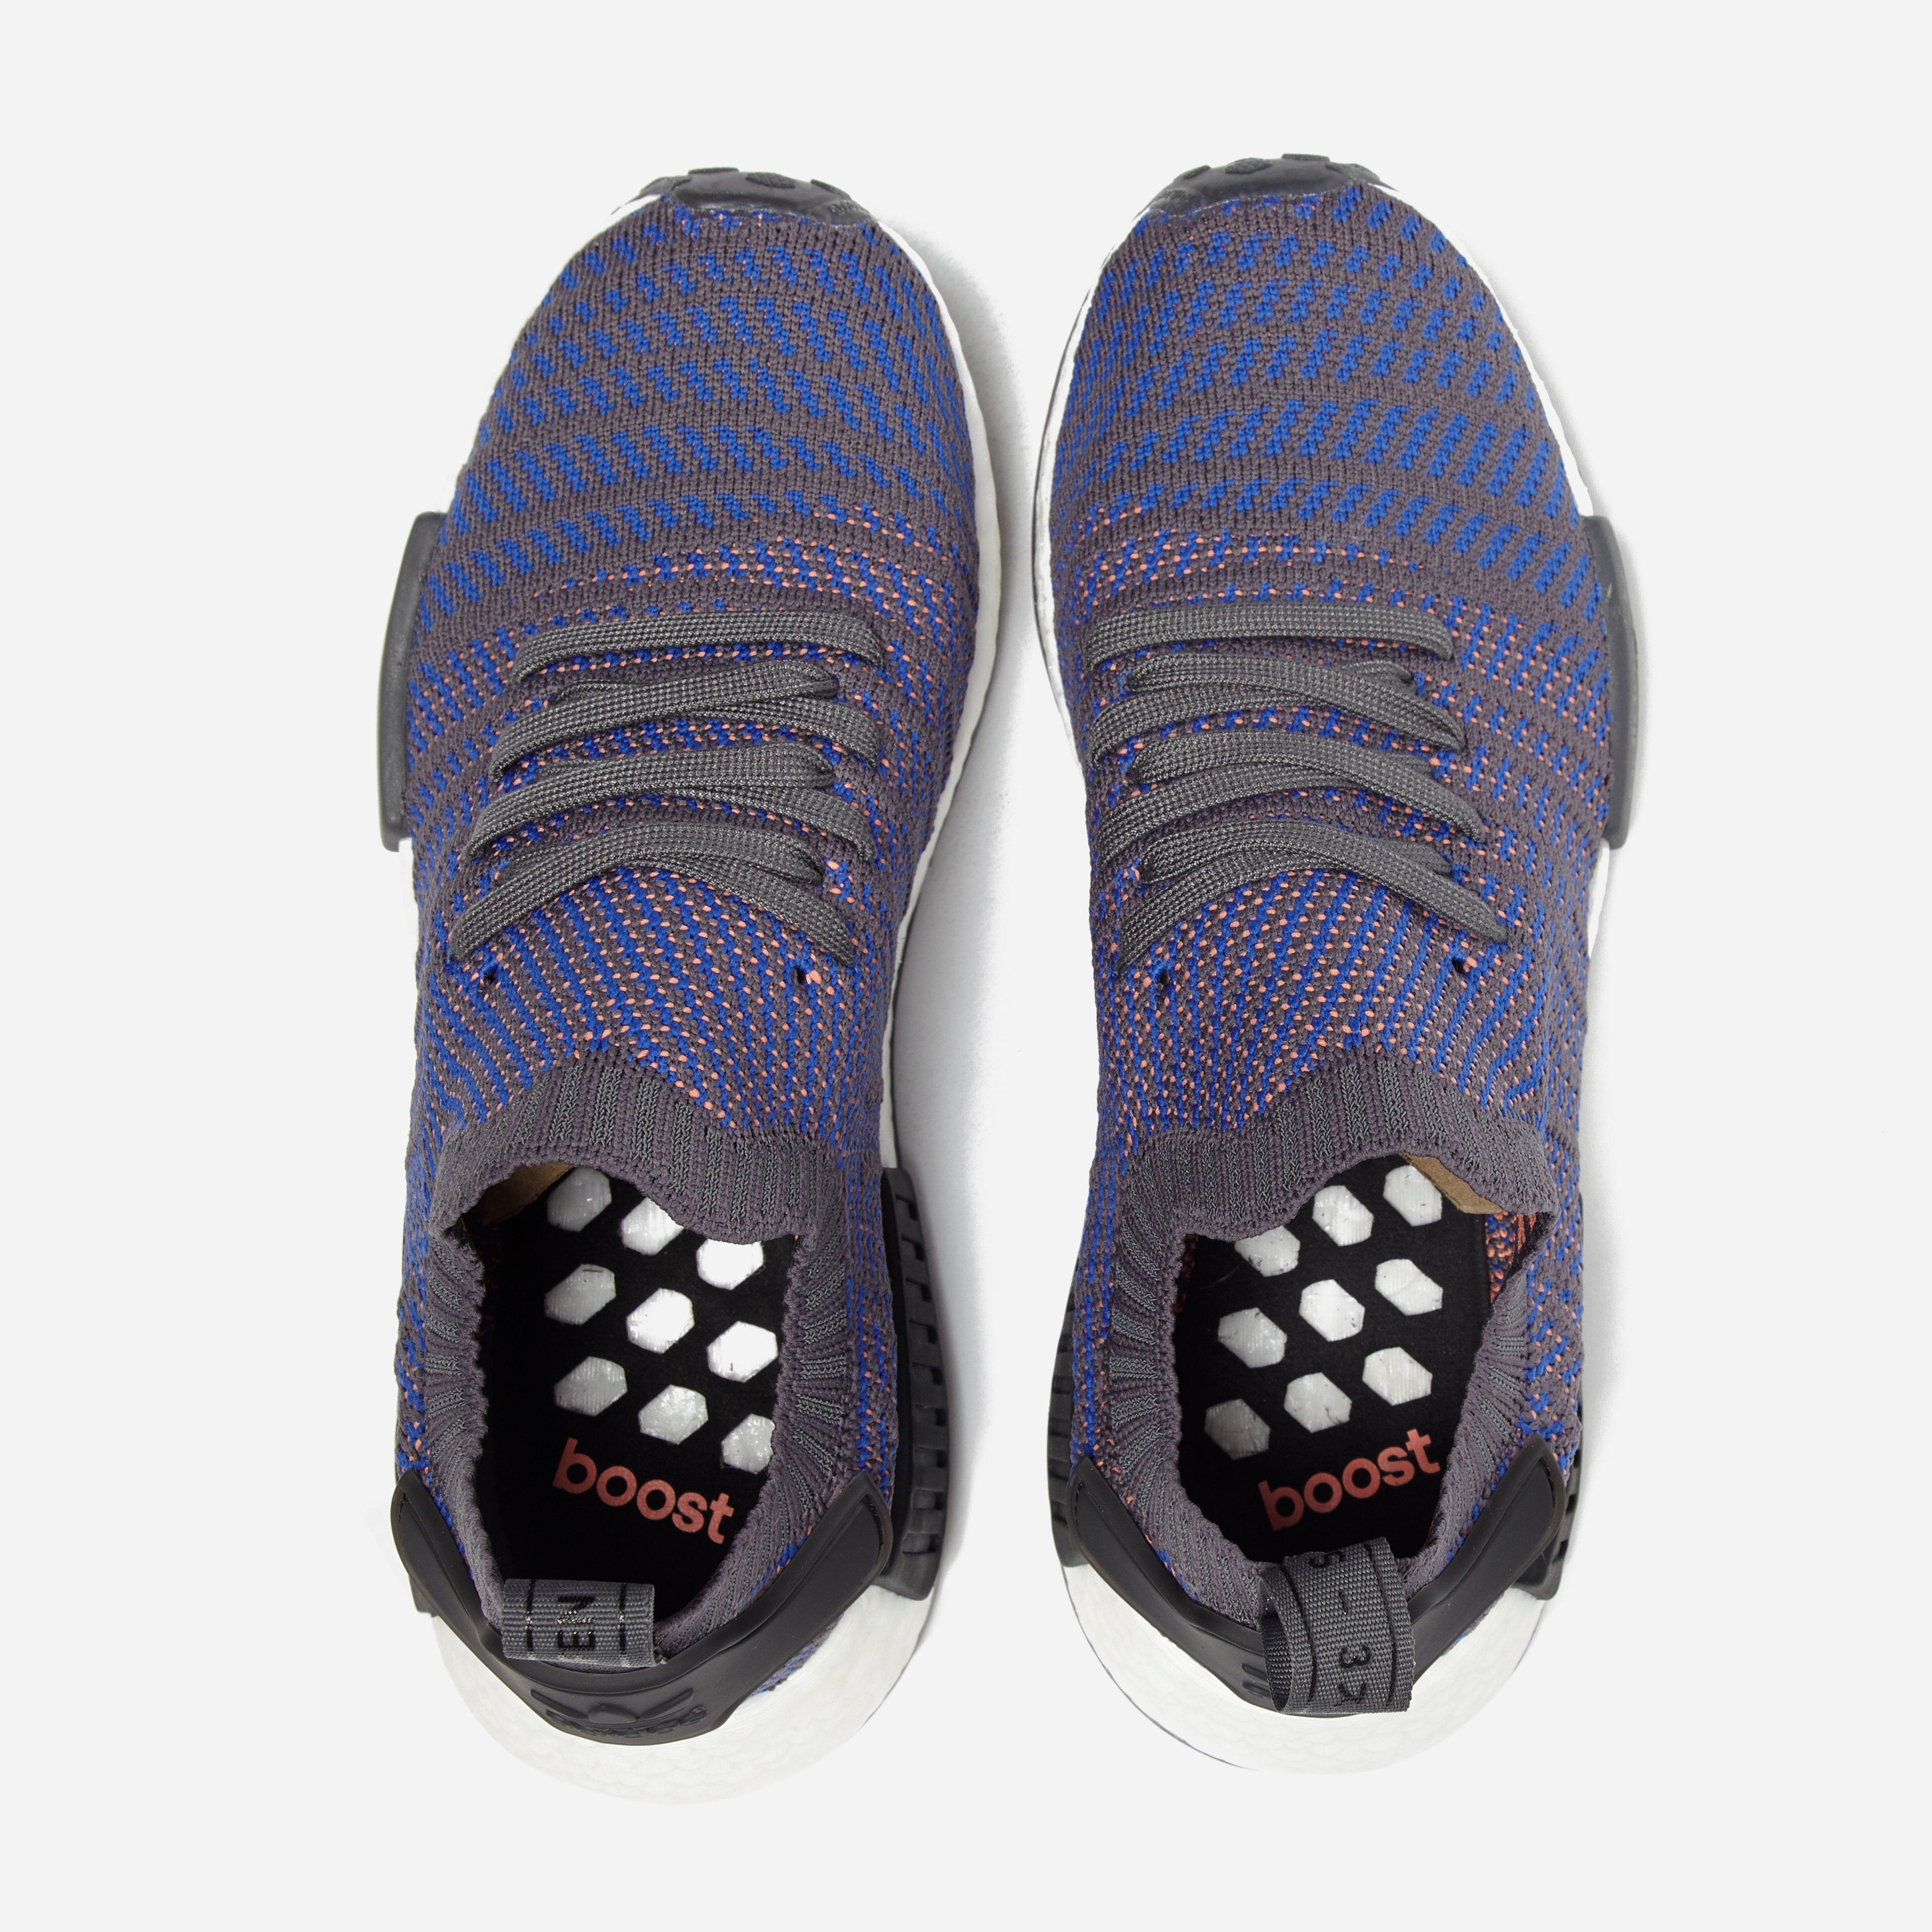 97c7f456d5ec1 8089a c2628  wholesale lyst adidas originals nmd r1 stlt pk in blue for men  faab7 da52a